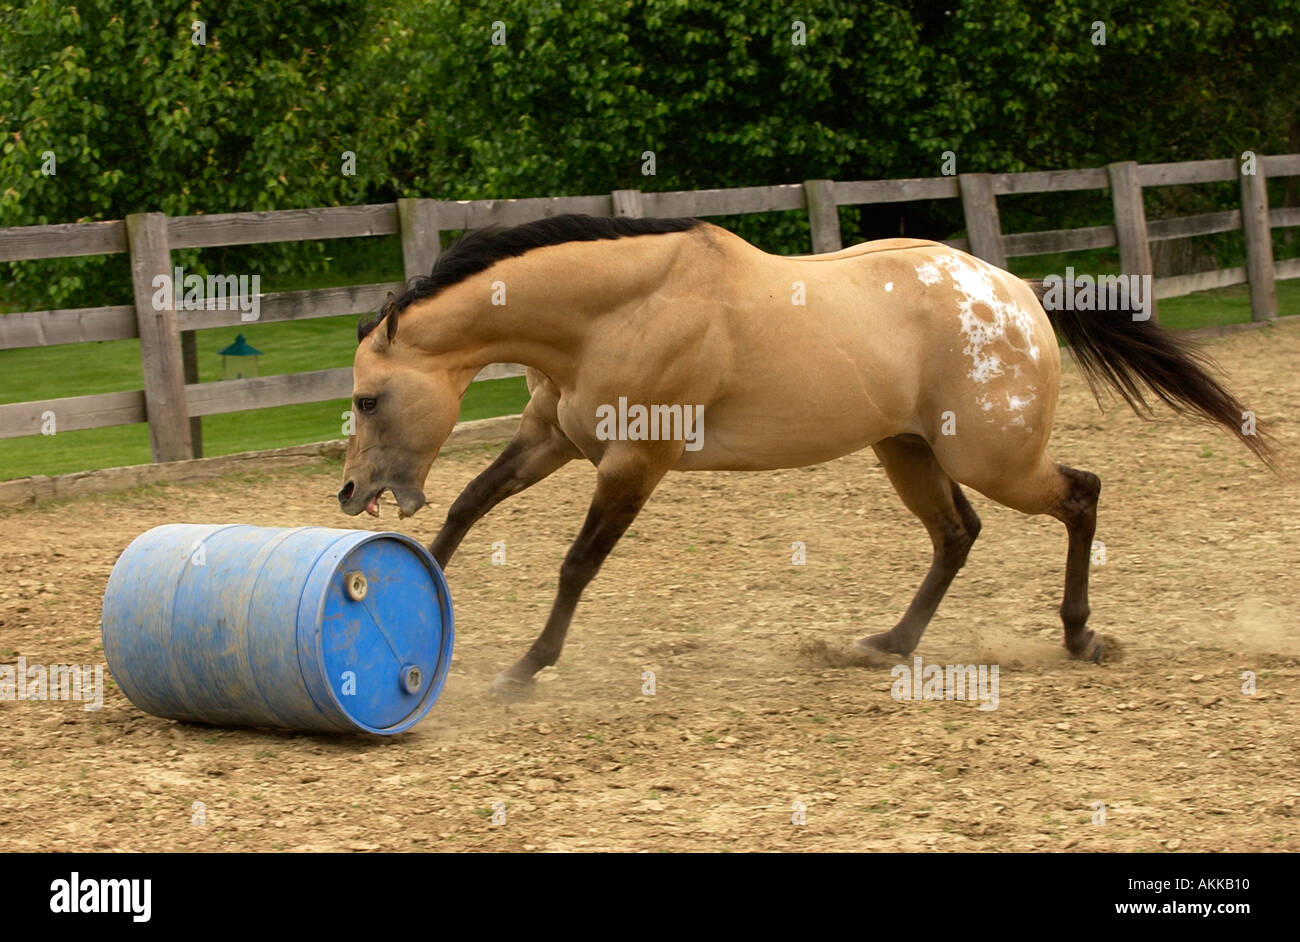 Semental Appaloosa Buckskin Corriendo Y Jugando Con El Cuerpo Y La Bola Fotografia De Stock Alamy